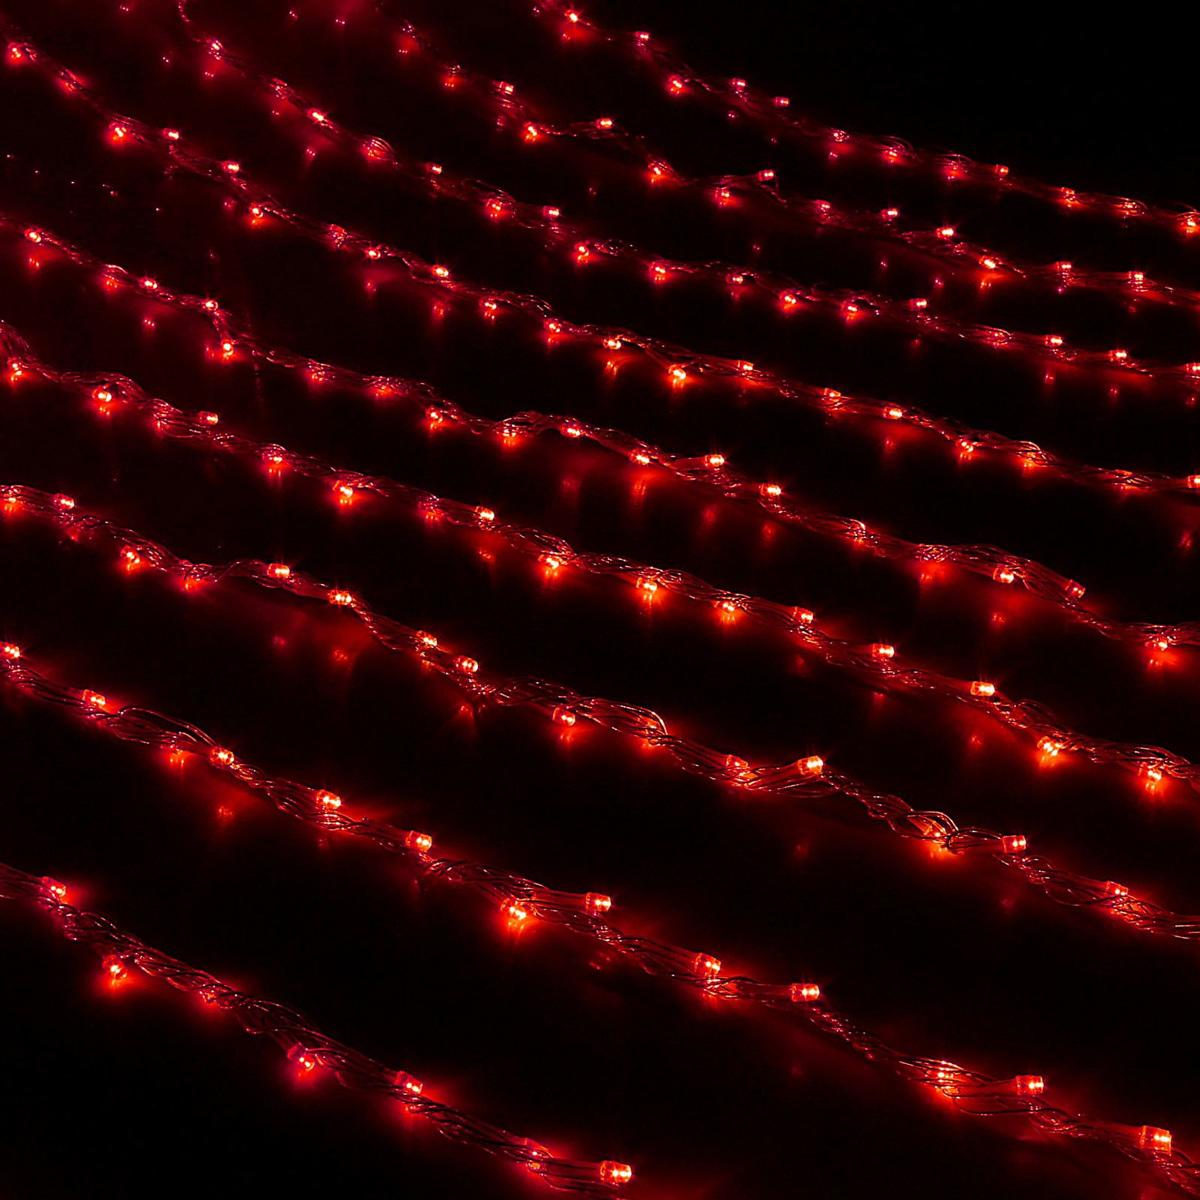 Гирлянда светодиодная Luazon Дождь, уличная, 8 режимов, 400 ламп, 220 V, цвет: красный, 2 х 1,5 м. 187292187292Светодиодные гирлянды, ленты и т.д — это отличный вариант для новогоднего оформления интерьера или фасада. С их помощью помещение любого размера можно превратить в праздничный зал, а внешние элементы зданий, украшенные ими, мгновенно станут напоминать очертания сказочного дворца. Такие украшения создают ауру предвкушения чуда. Деревья, фасады, витрины, окна и арки будто специально созданы, чтобы вы украсили их светящимися нитями.